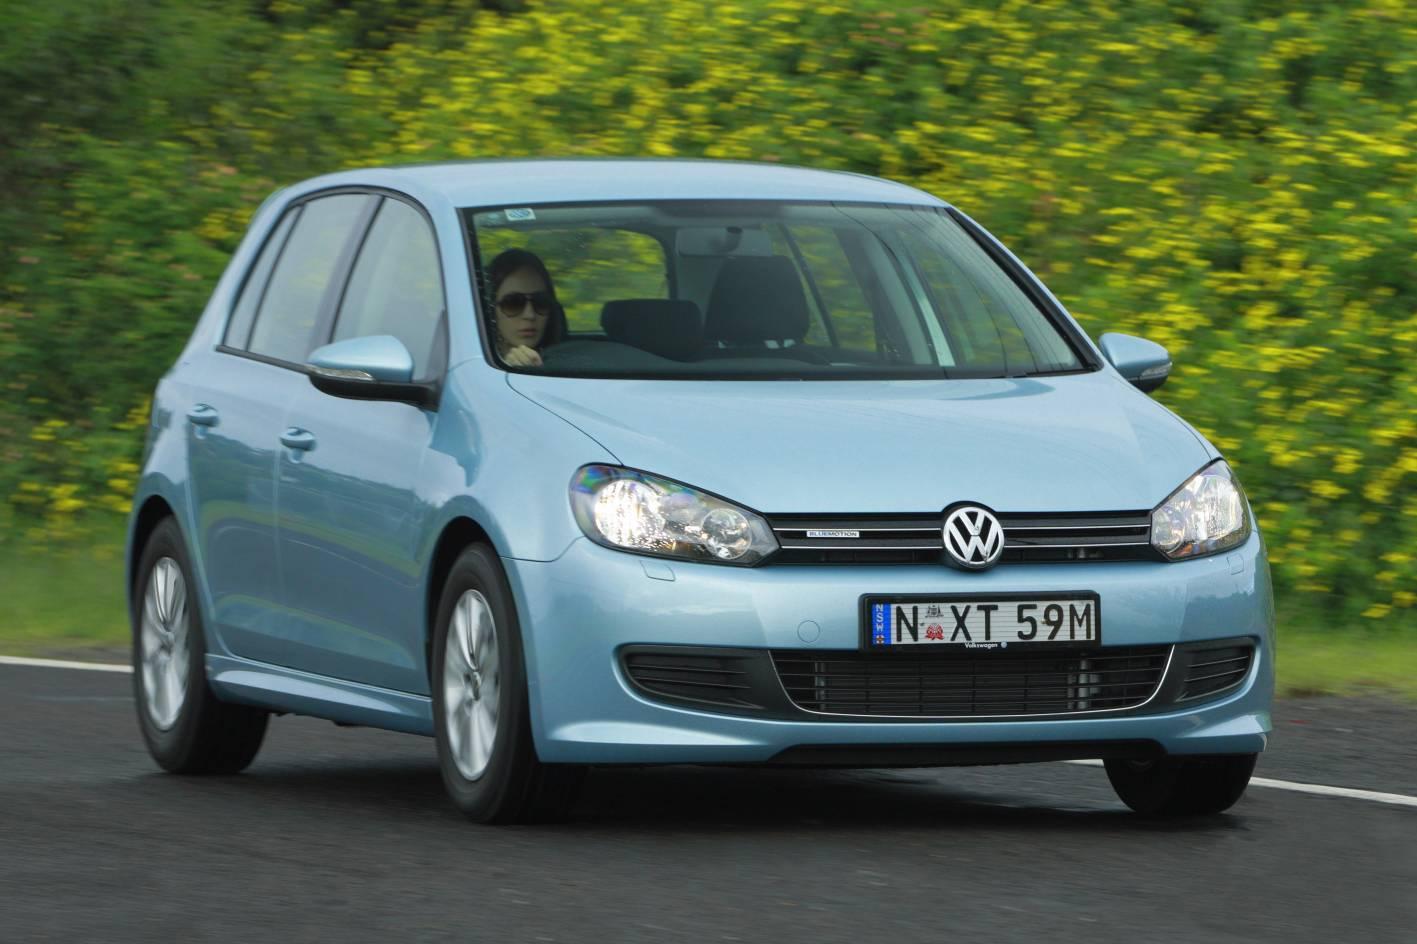 2011_volkswagen_golf_bluemotion_australin_debut_02